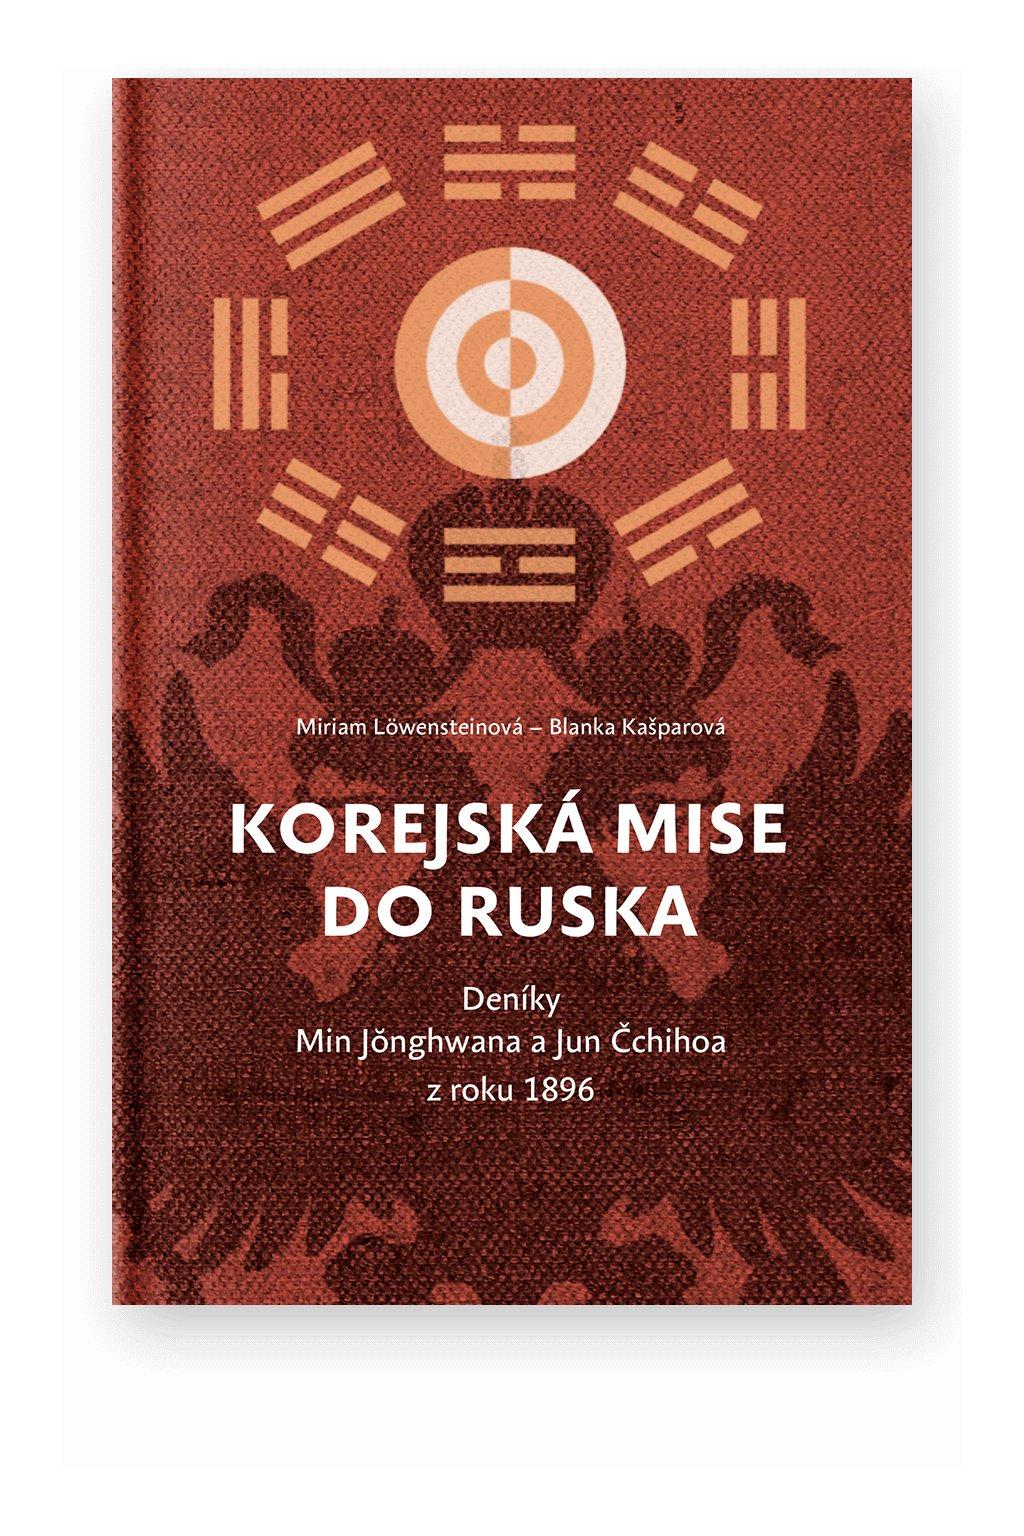 1125 1 korejska mise do ruska